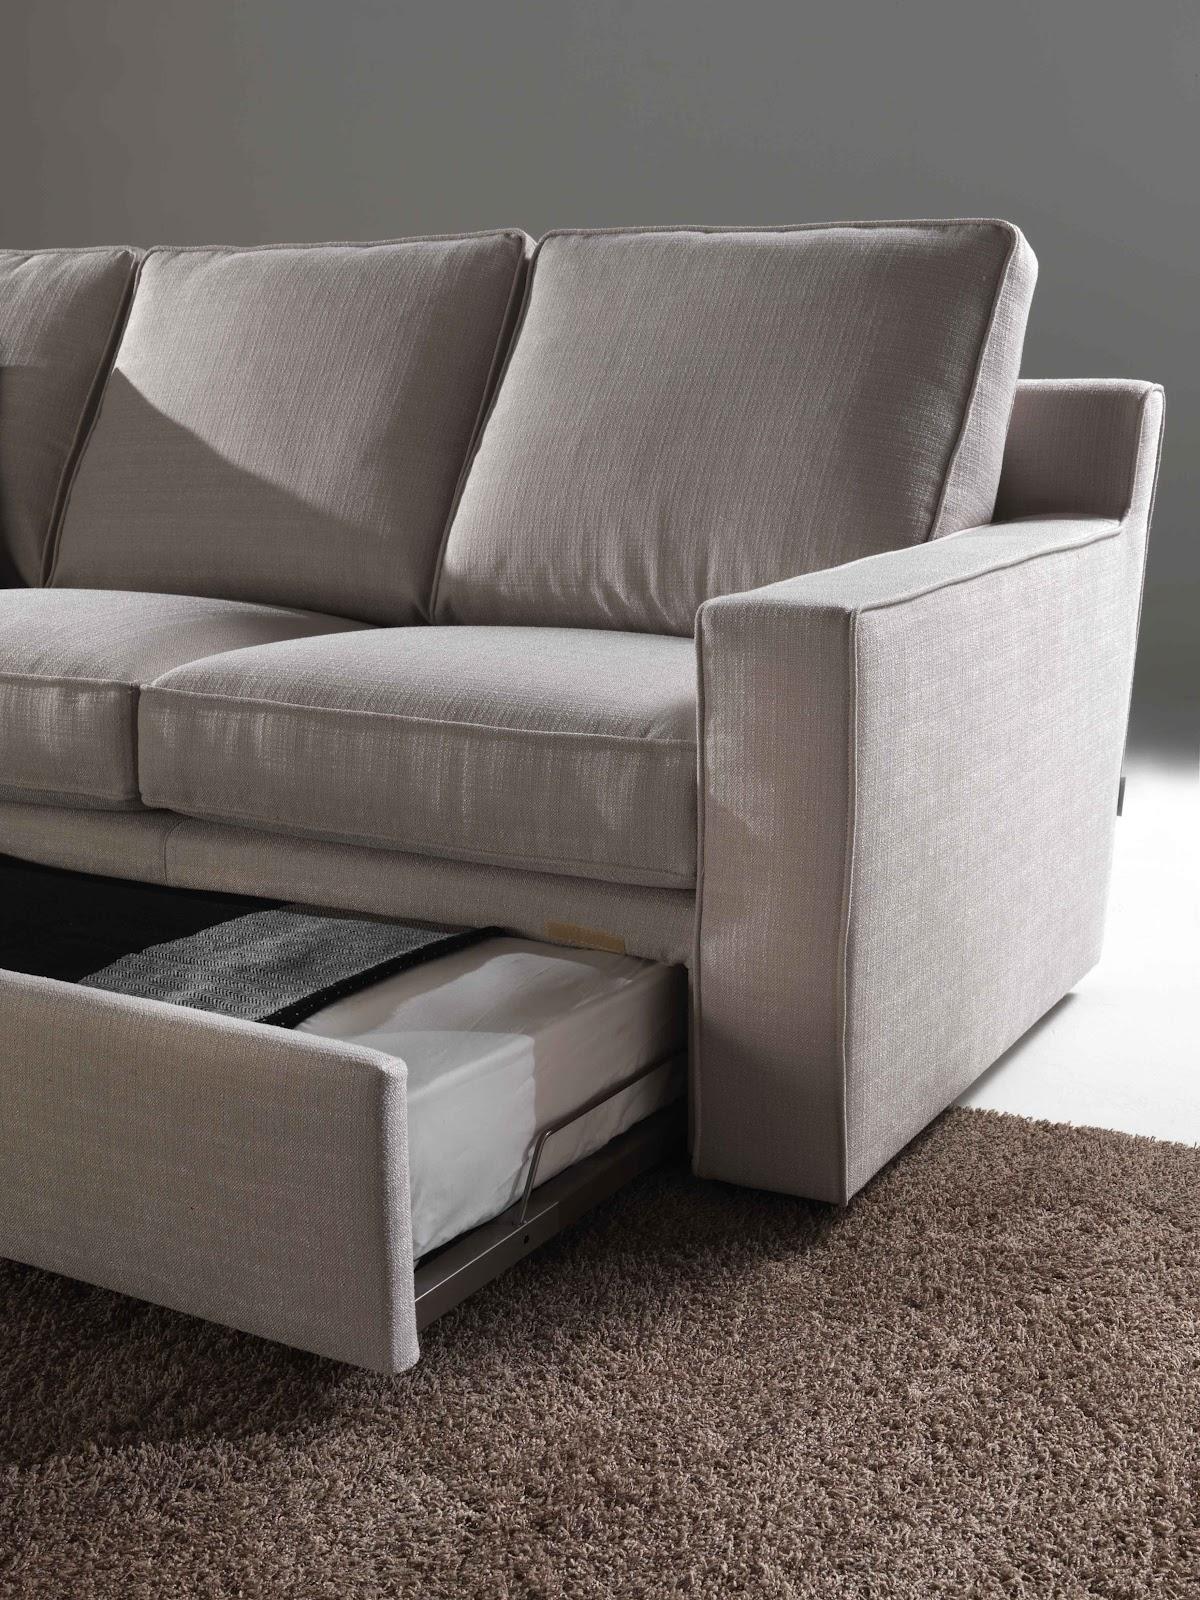 Santambrogio salotti produzione e vendita di divani e for Divano letto nuovo